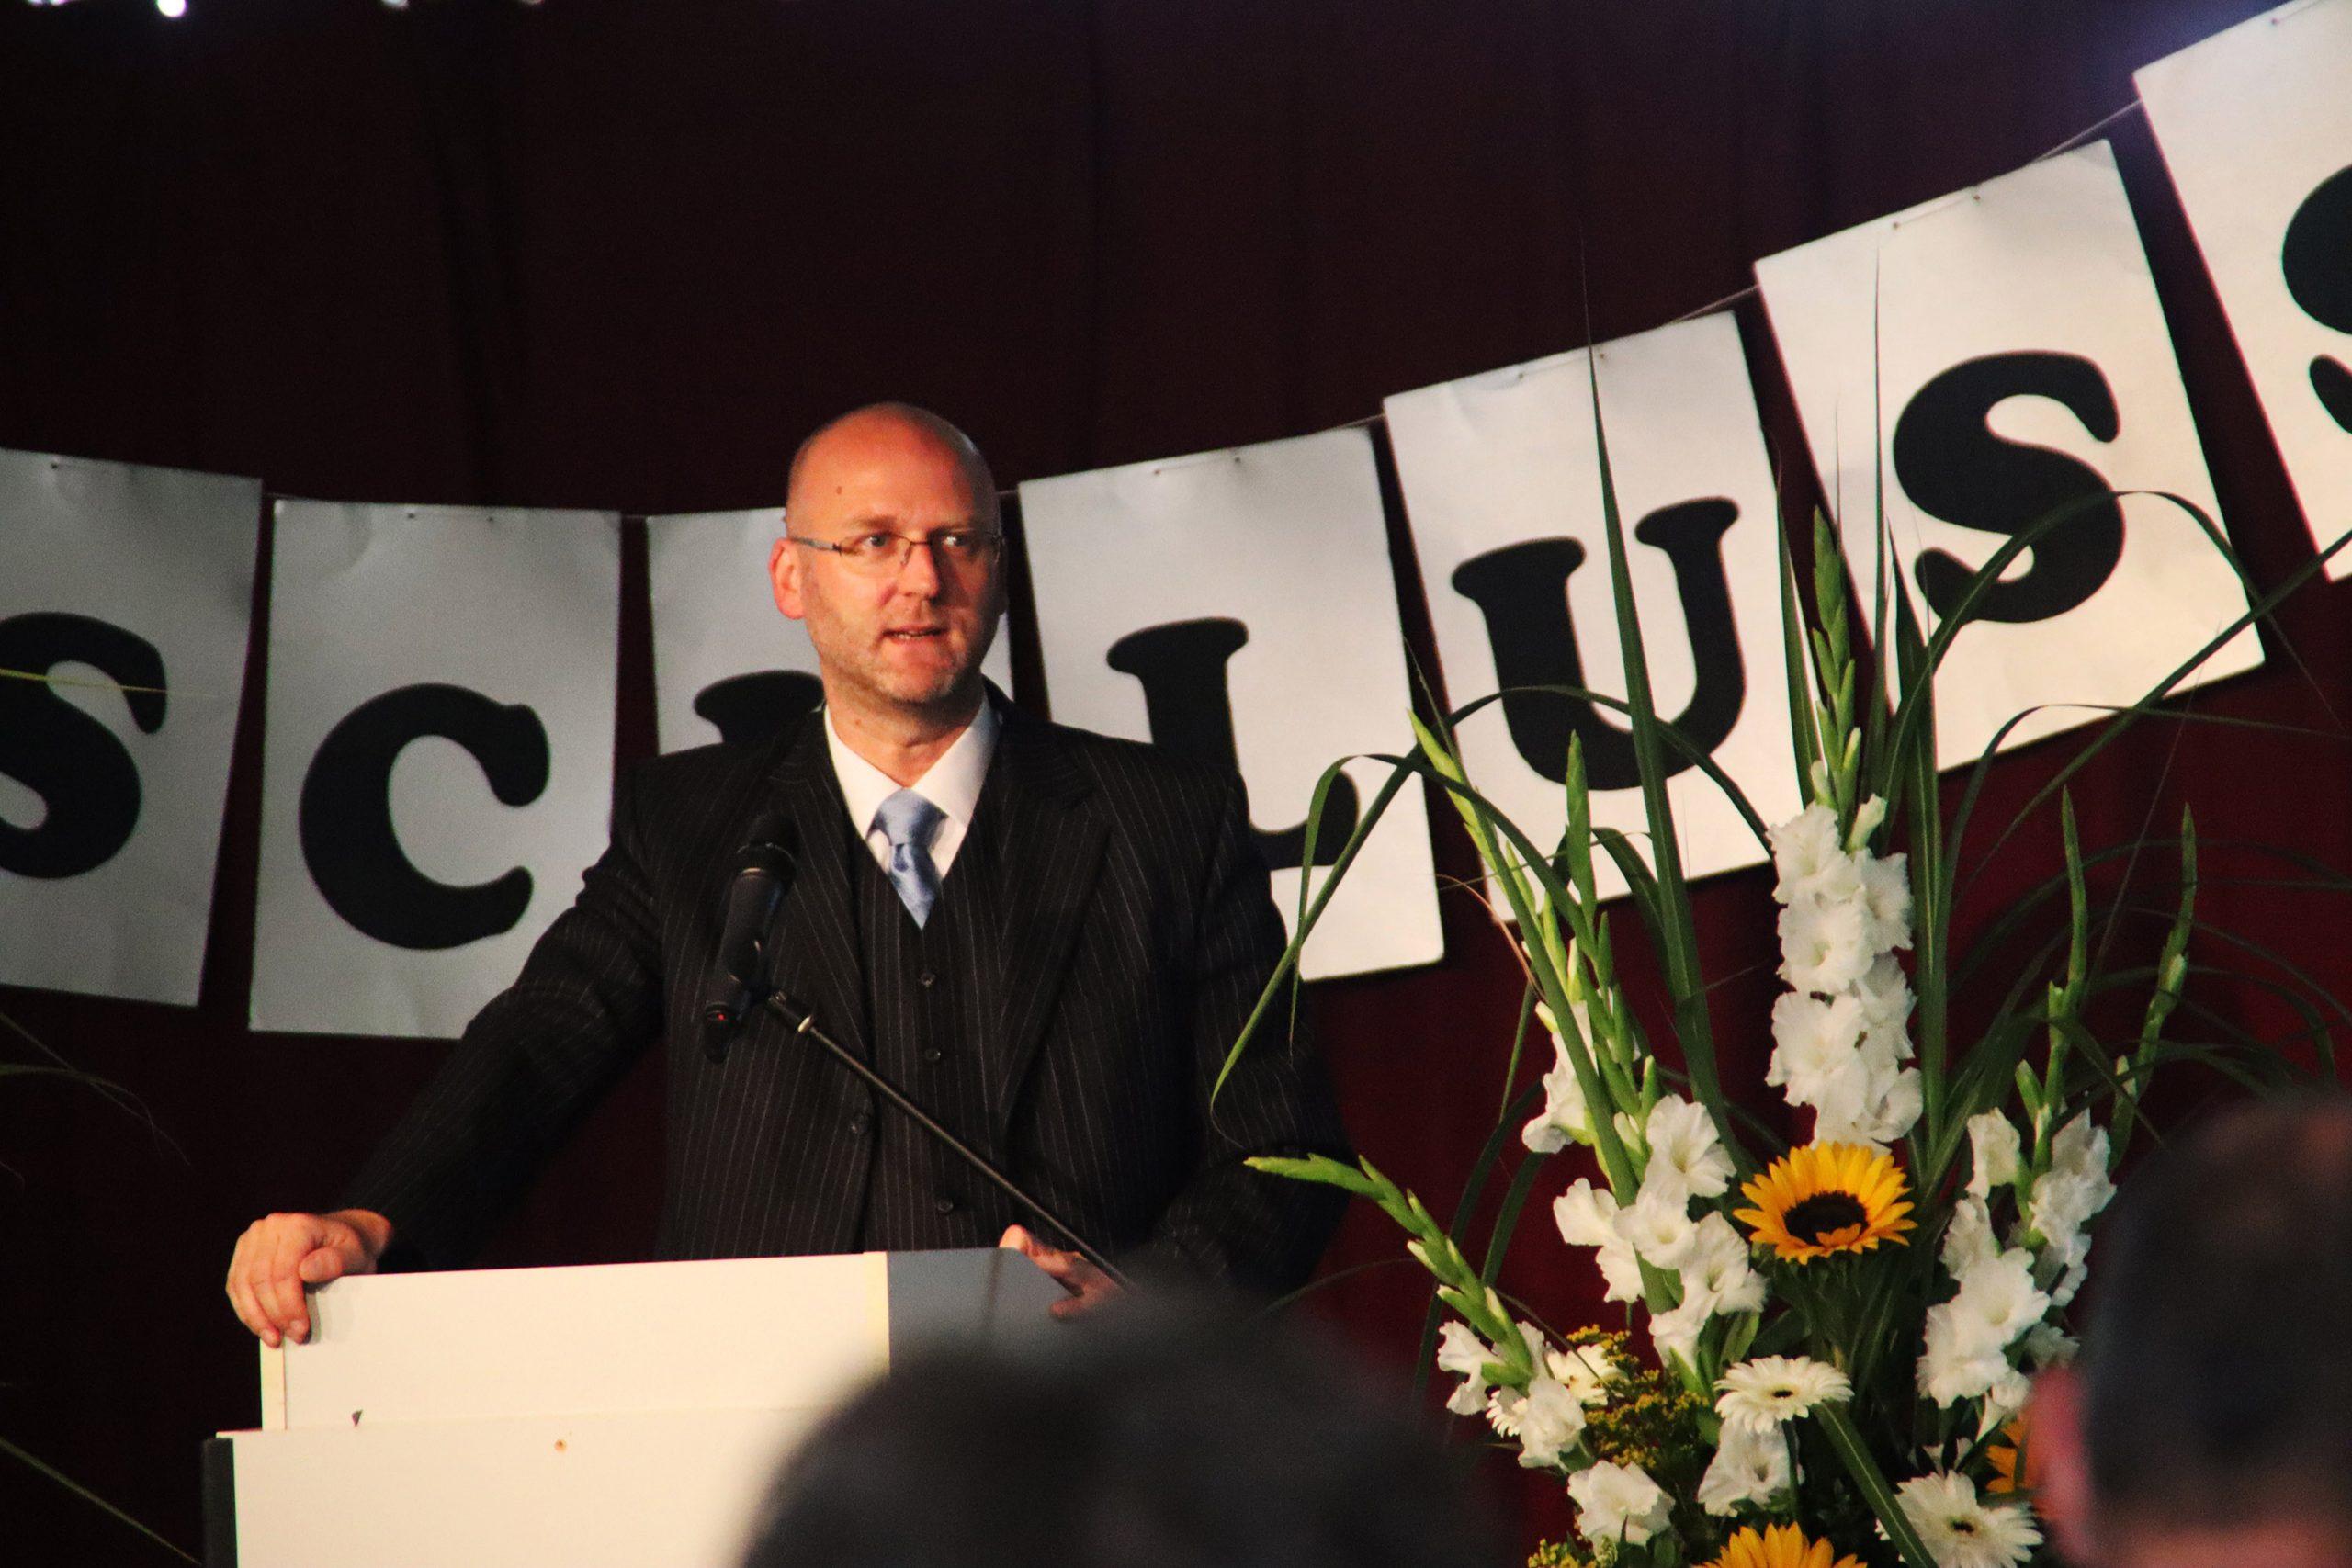 Viermal hielt der stellvertretende Schulleiter Herr Strauch seine Rede.